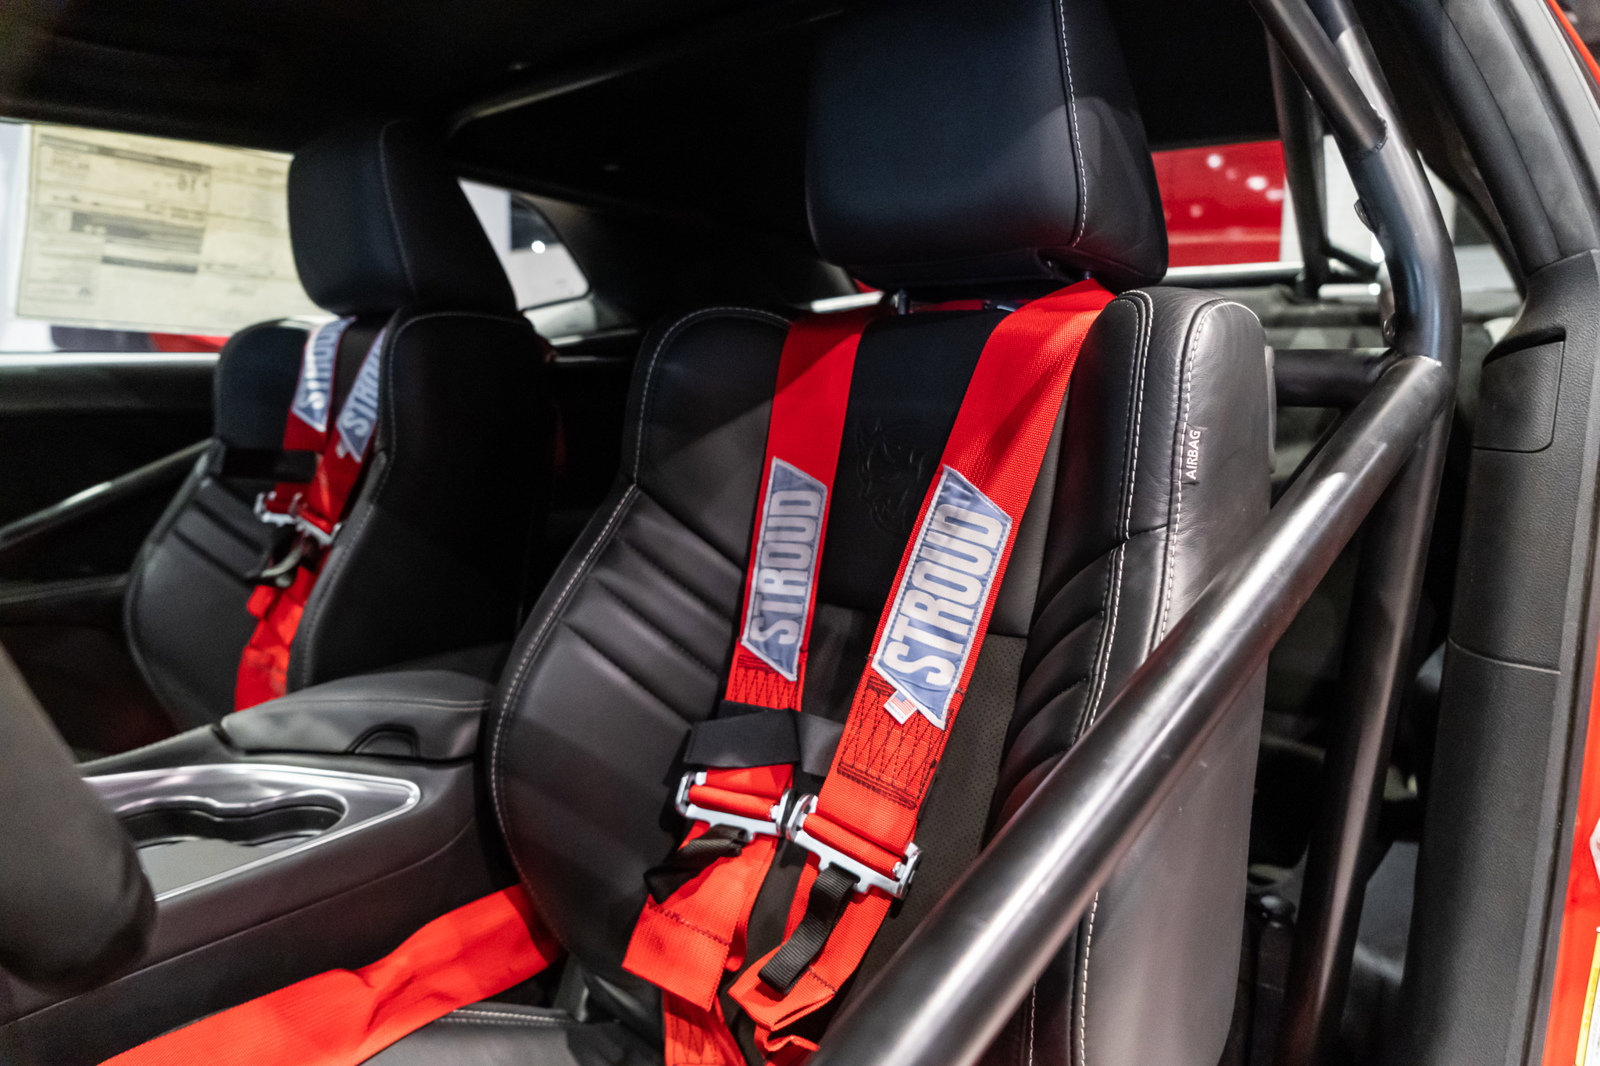 Pre-Owned 2018 Dodge Challenger SRT Demon